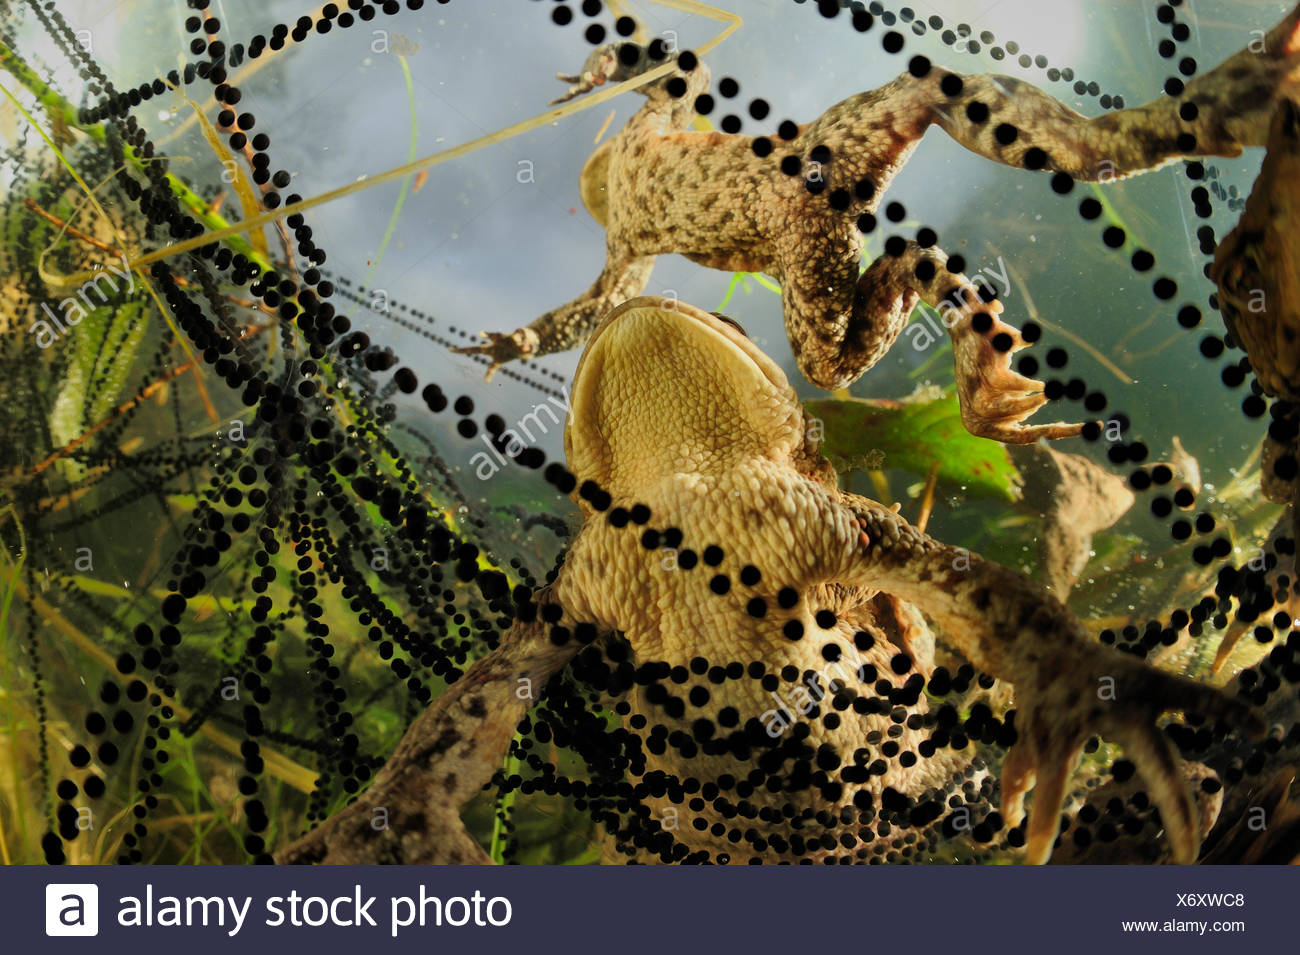 Paire de politique européenne de crapauds (Bufo bufo) avec des cordes d'toadspawn, en étang, Allemagne Photo Stock